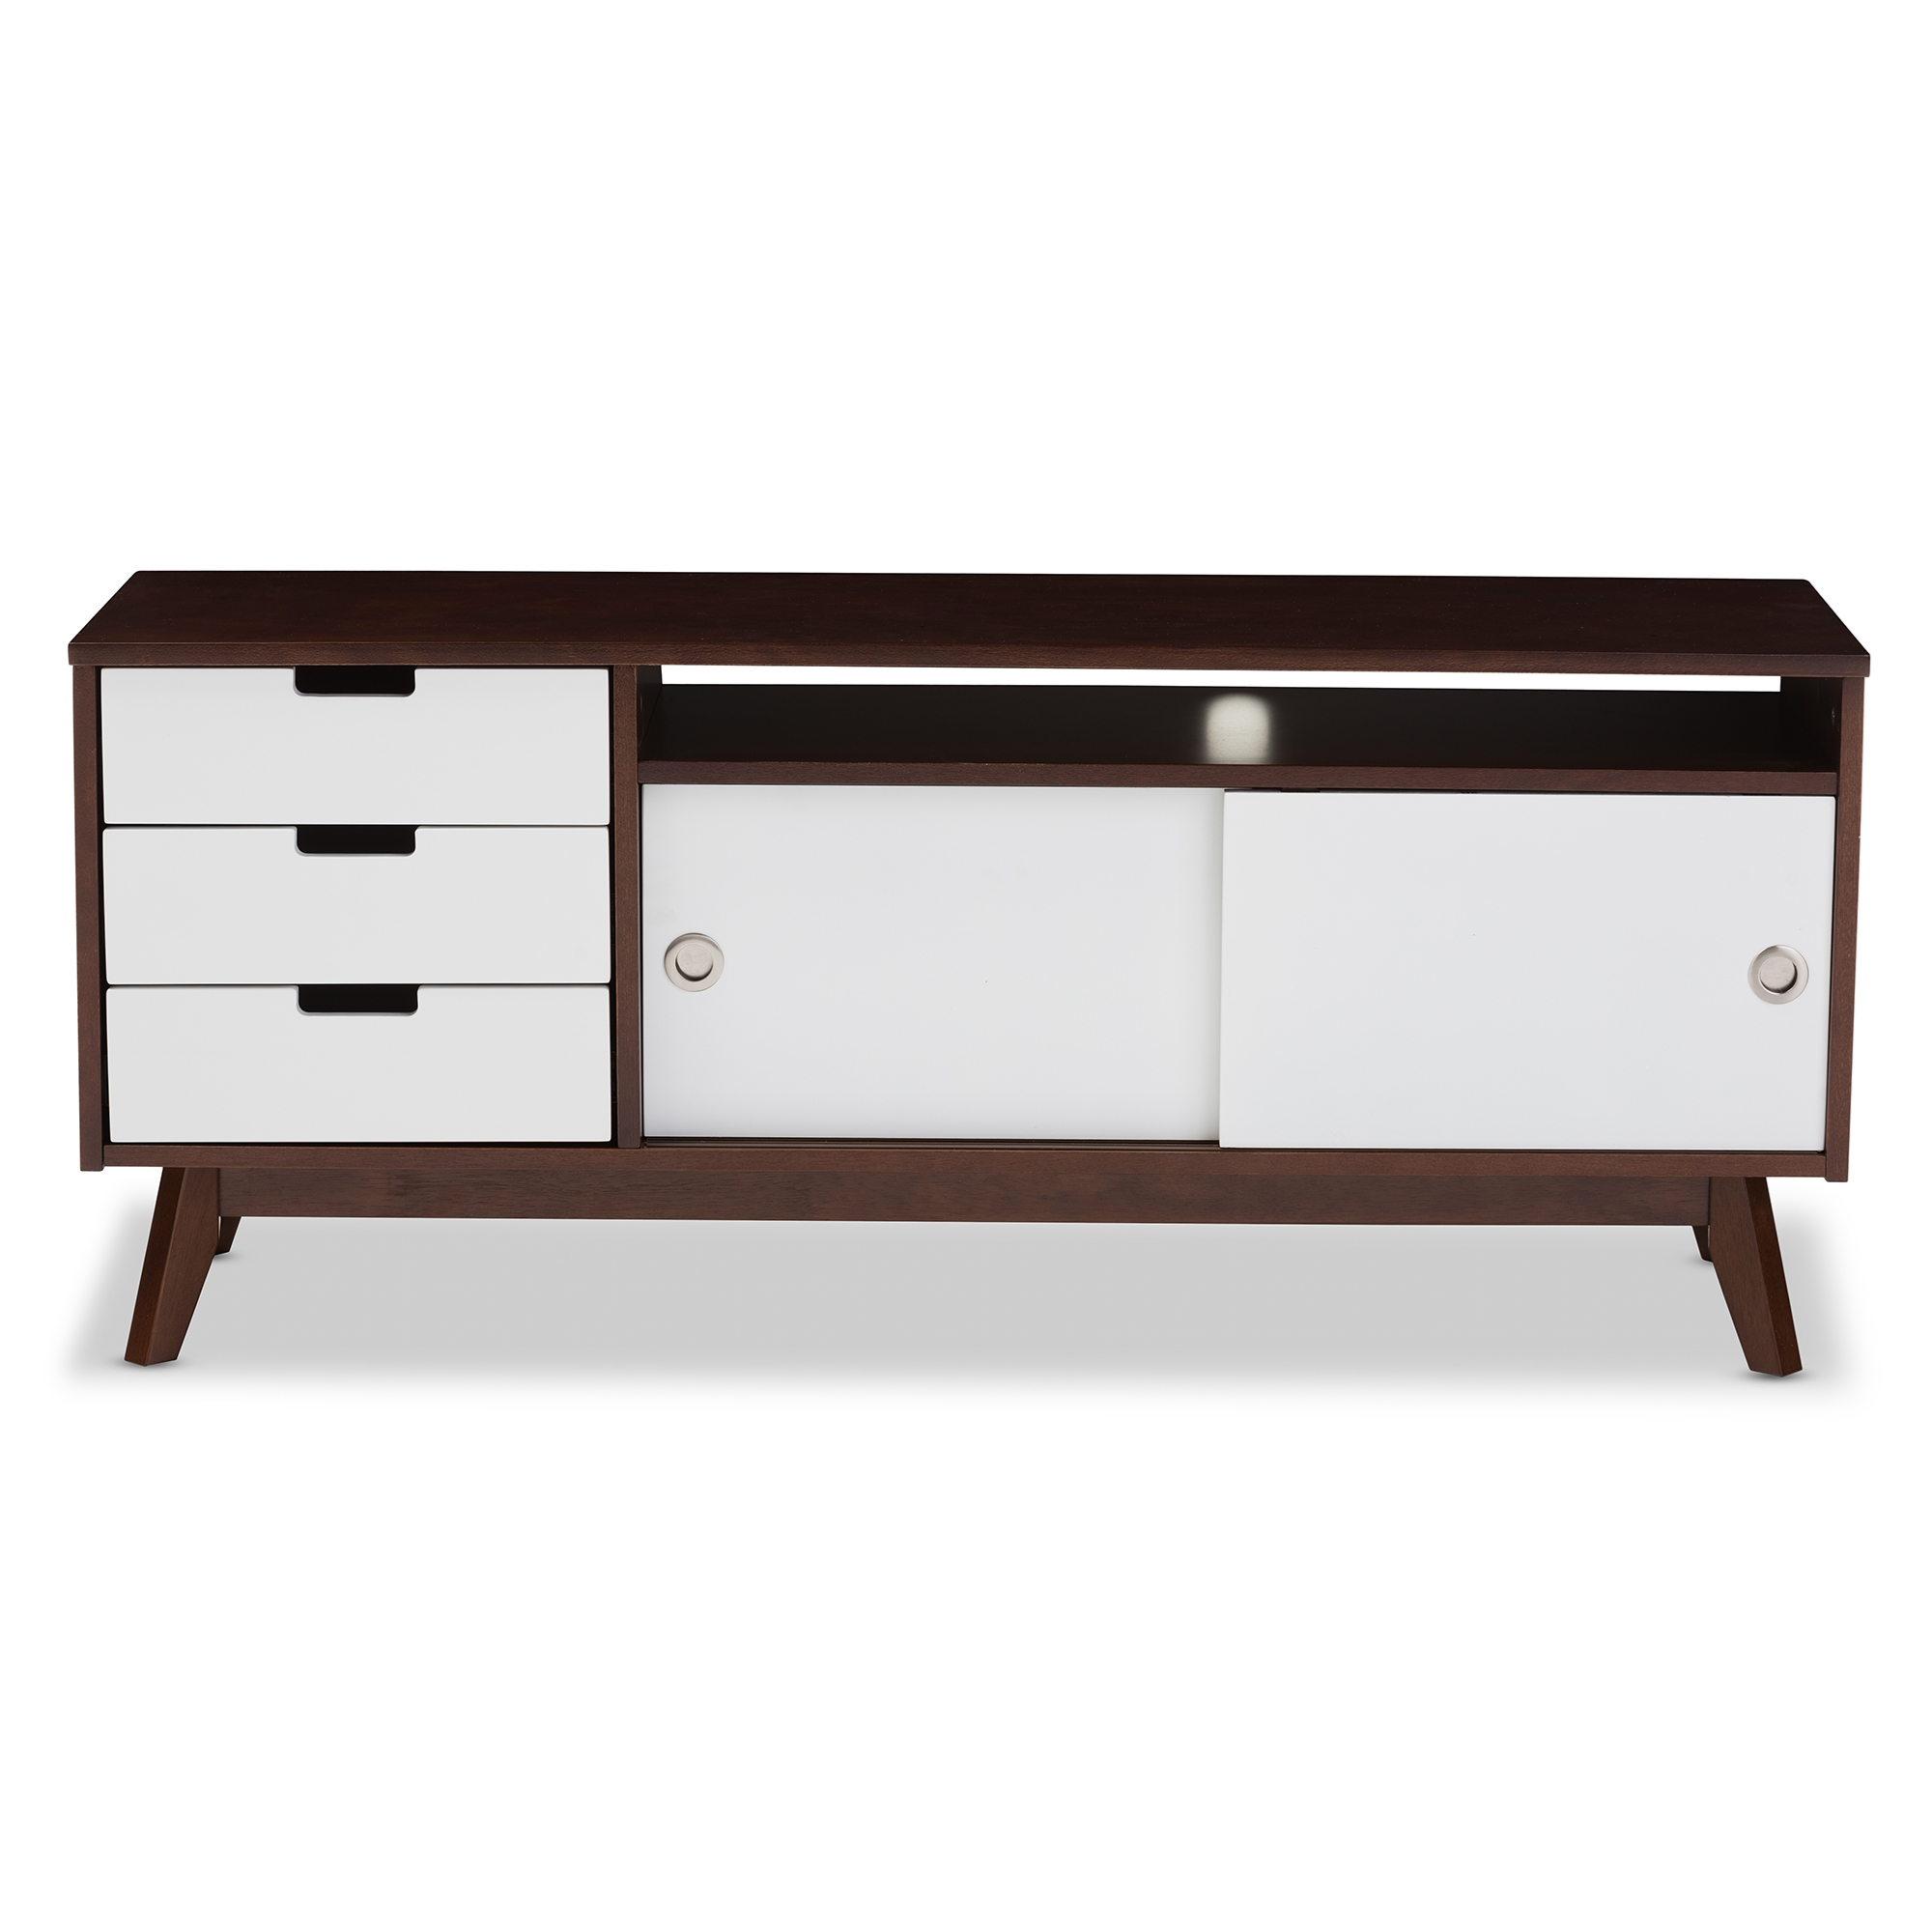 size amazoncom unit table tv entertainment cabinets base krafla enchanting full century cabinet baxton solid haversham of photo furniture studios mid inspirations wood